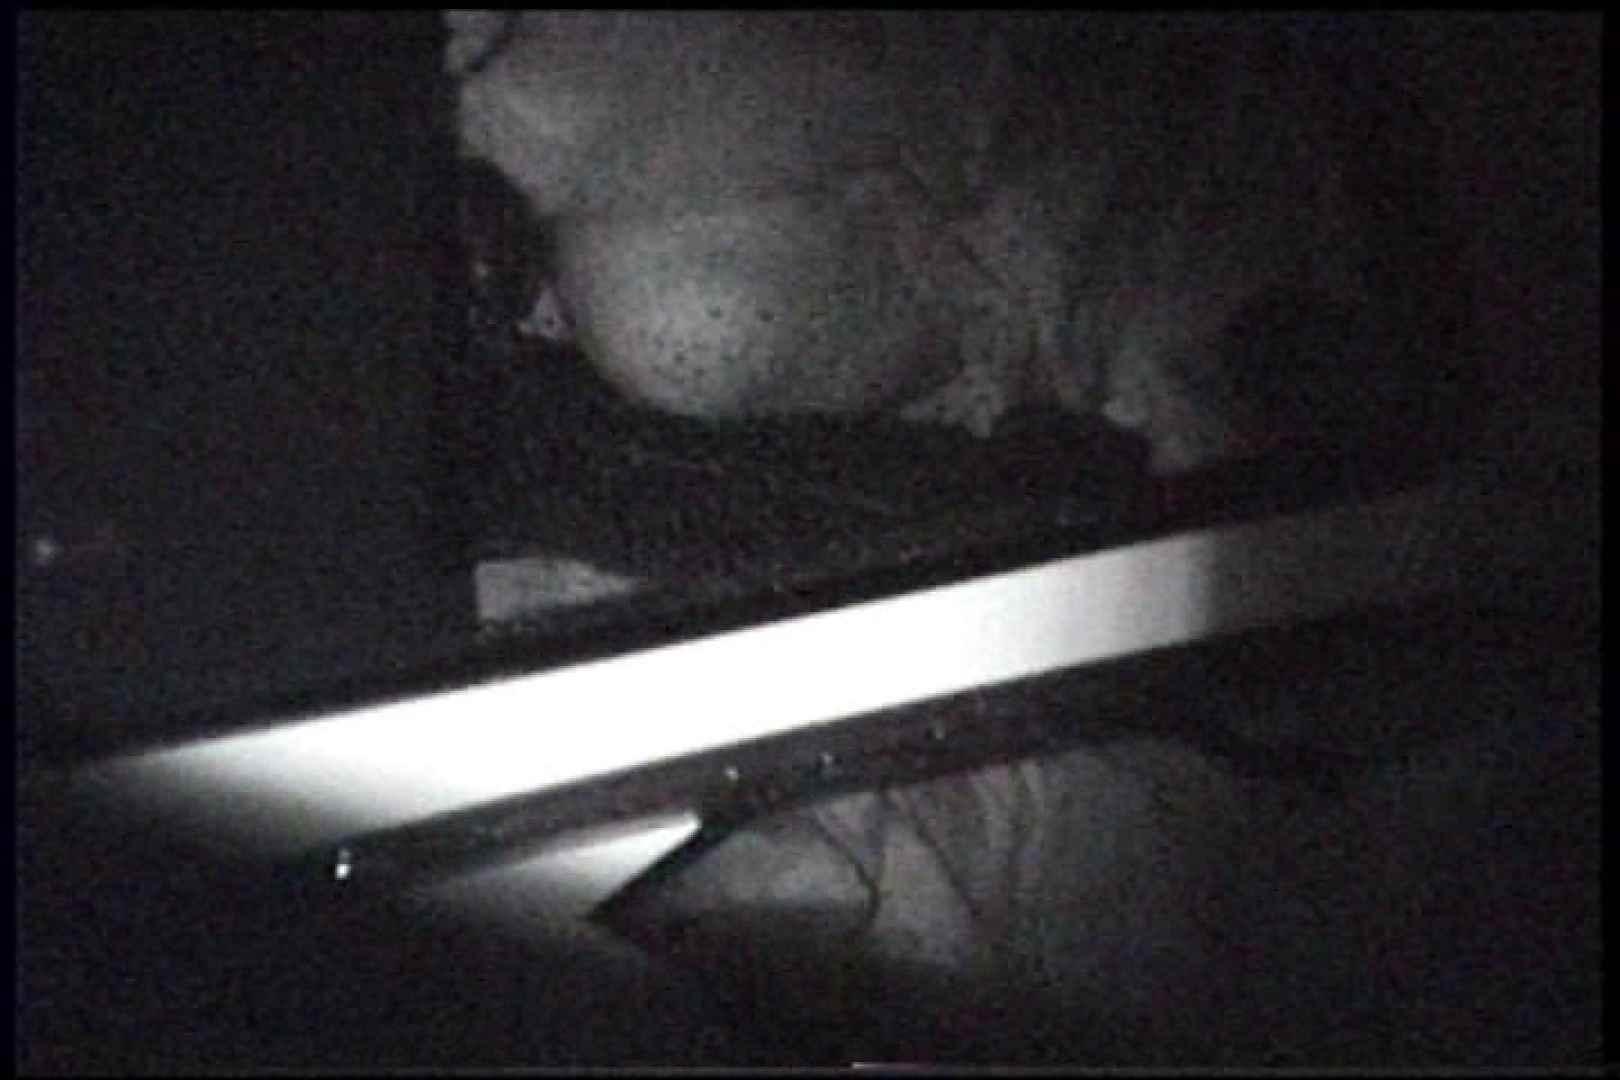 充血監督の深夜の運動会Vol.235 OLエロ画像 | 0  97PICs 25